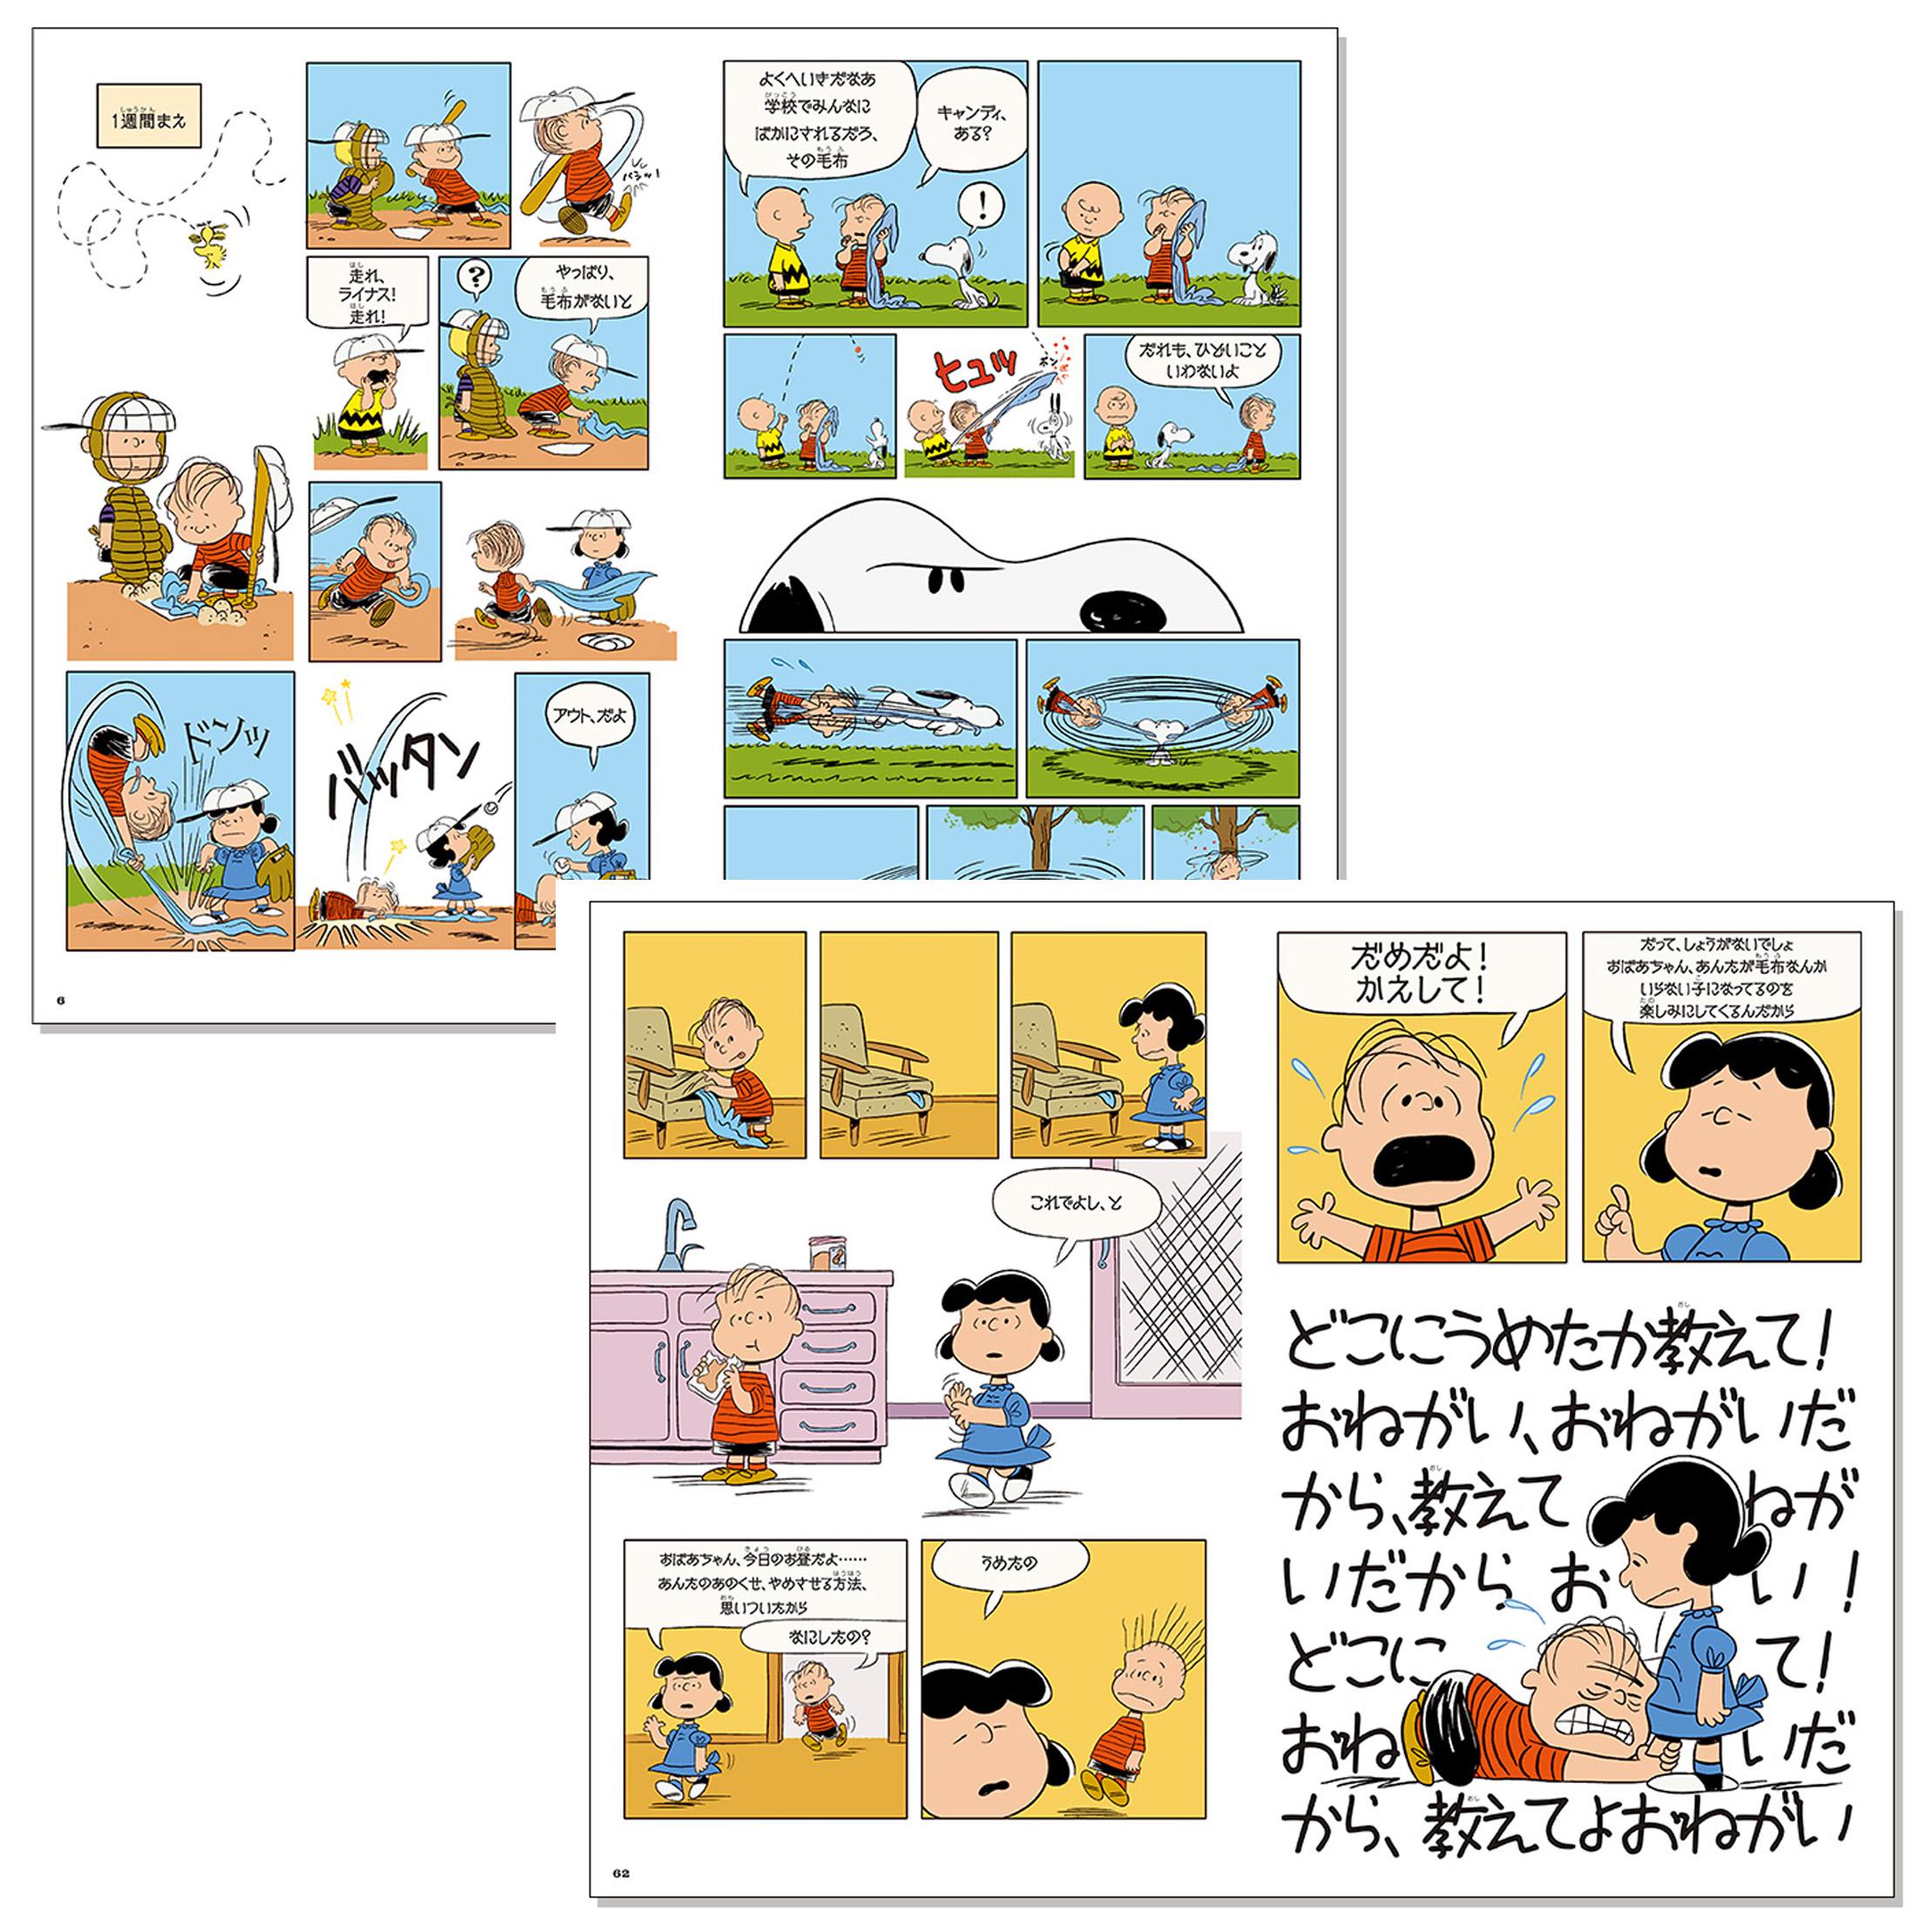 『SNOOPY 〜スヌーピーとしあわせの毛布〜』本文デザイン